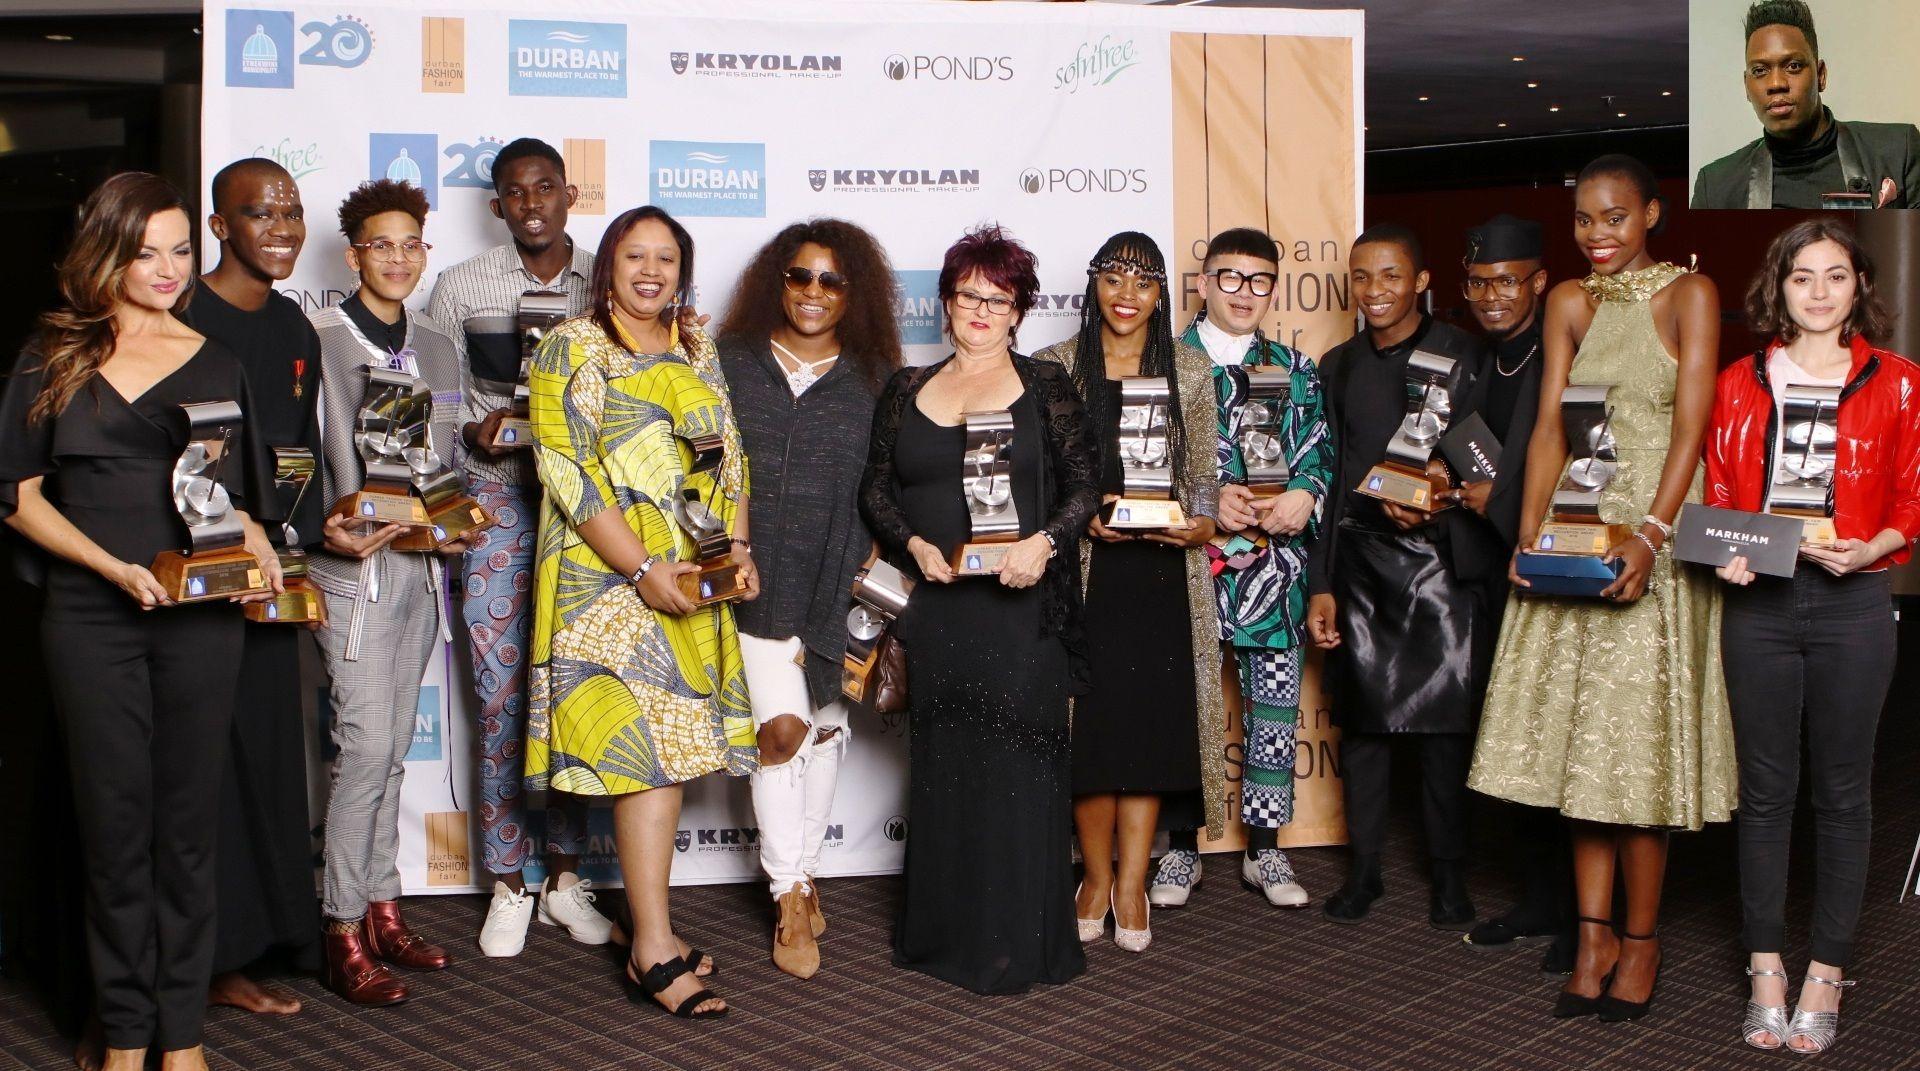 The 2018 Durban Fashion Fair Winners Are… photo